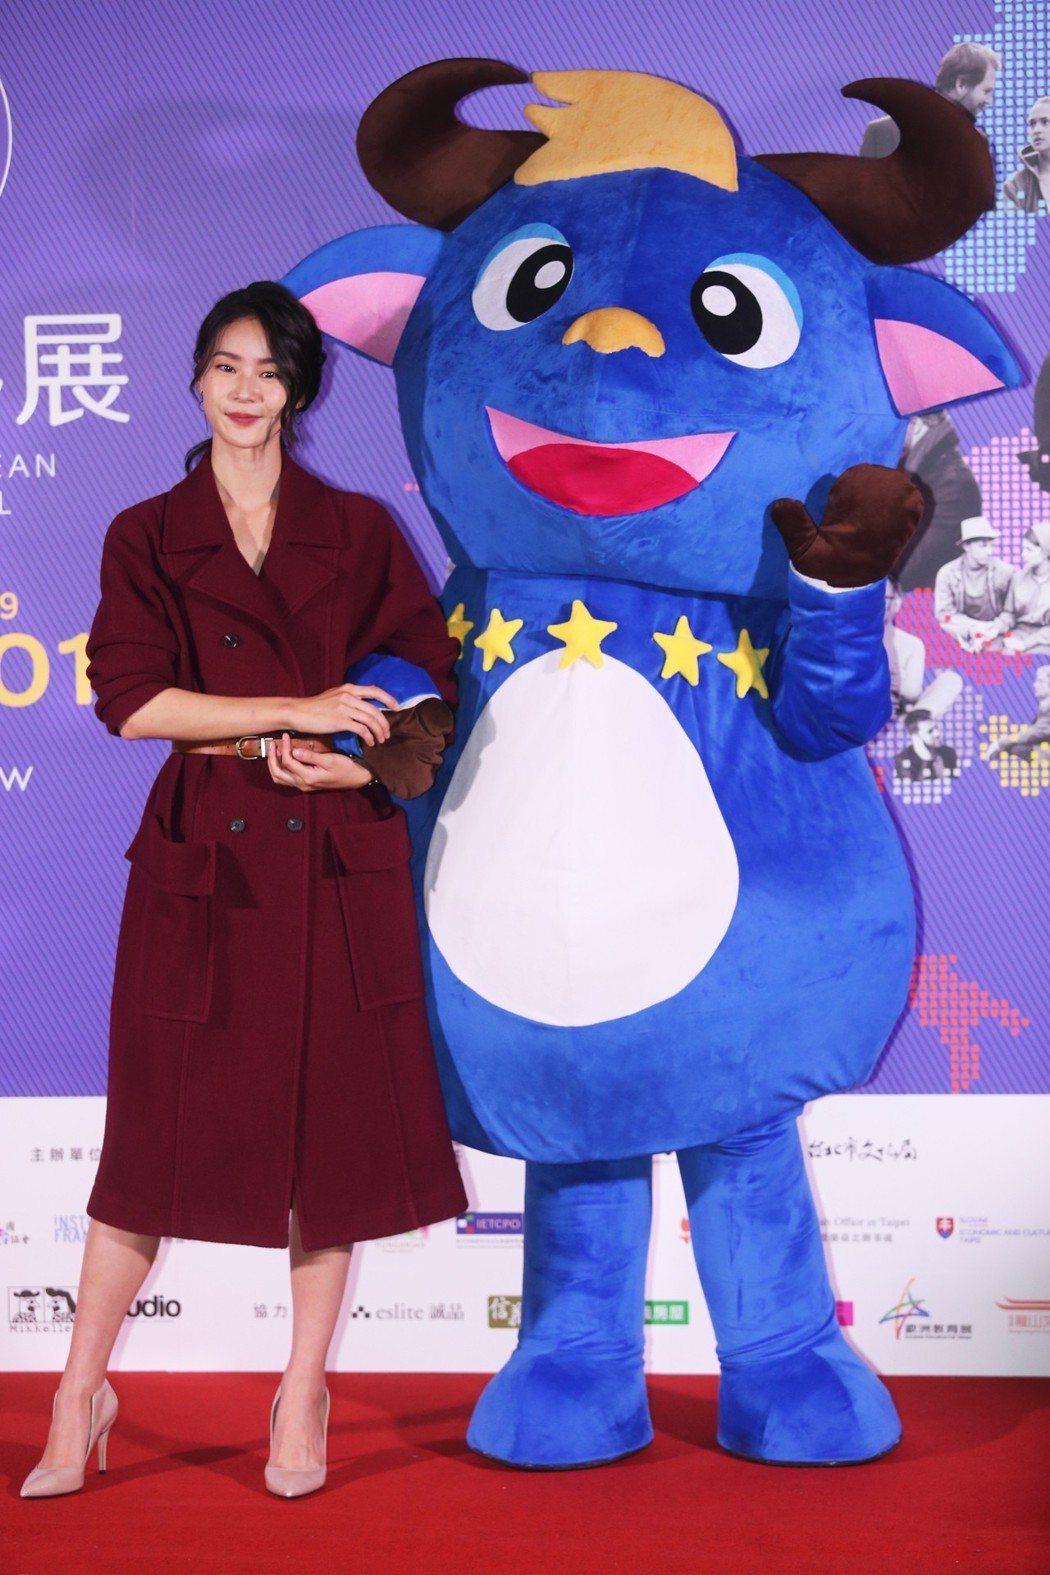 鍾瑶出席「歐洲影展 」開幕記者會擔任影展大使與影展吉祥物合影。記者徐兆玄/攝影